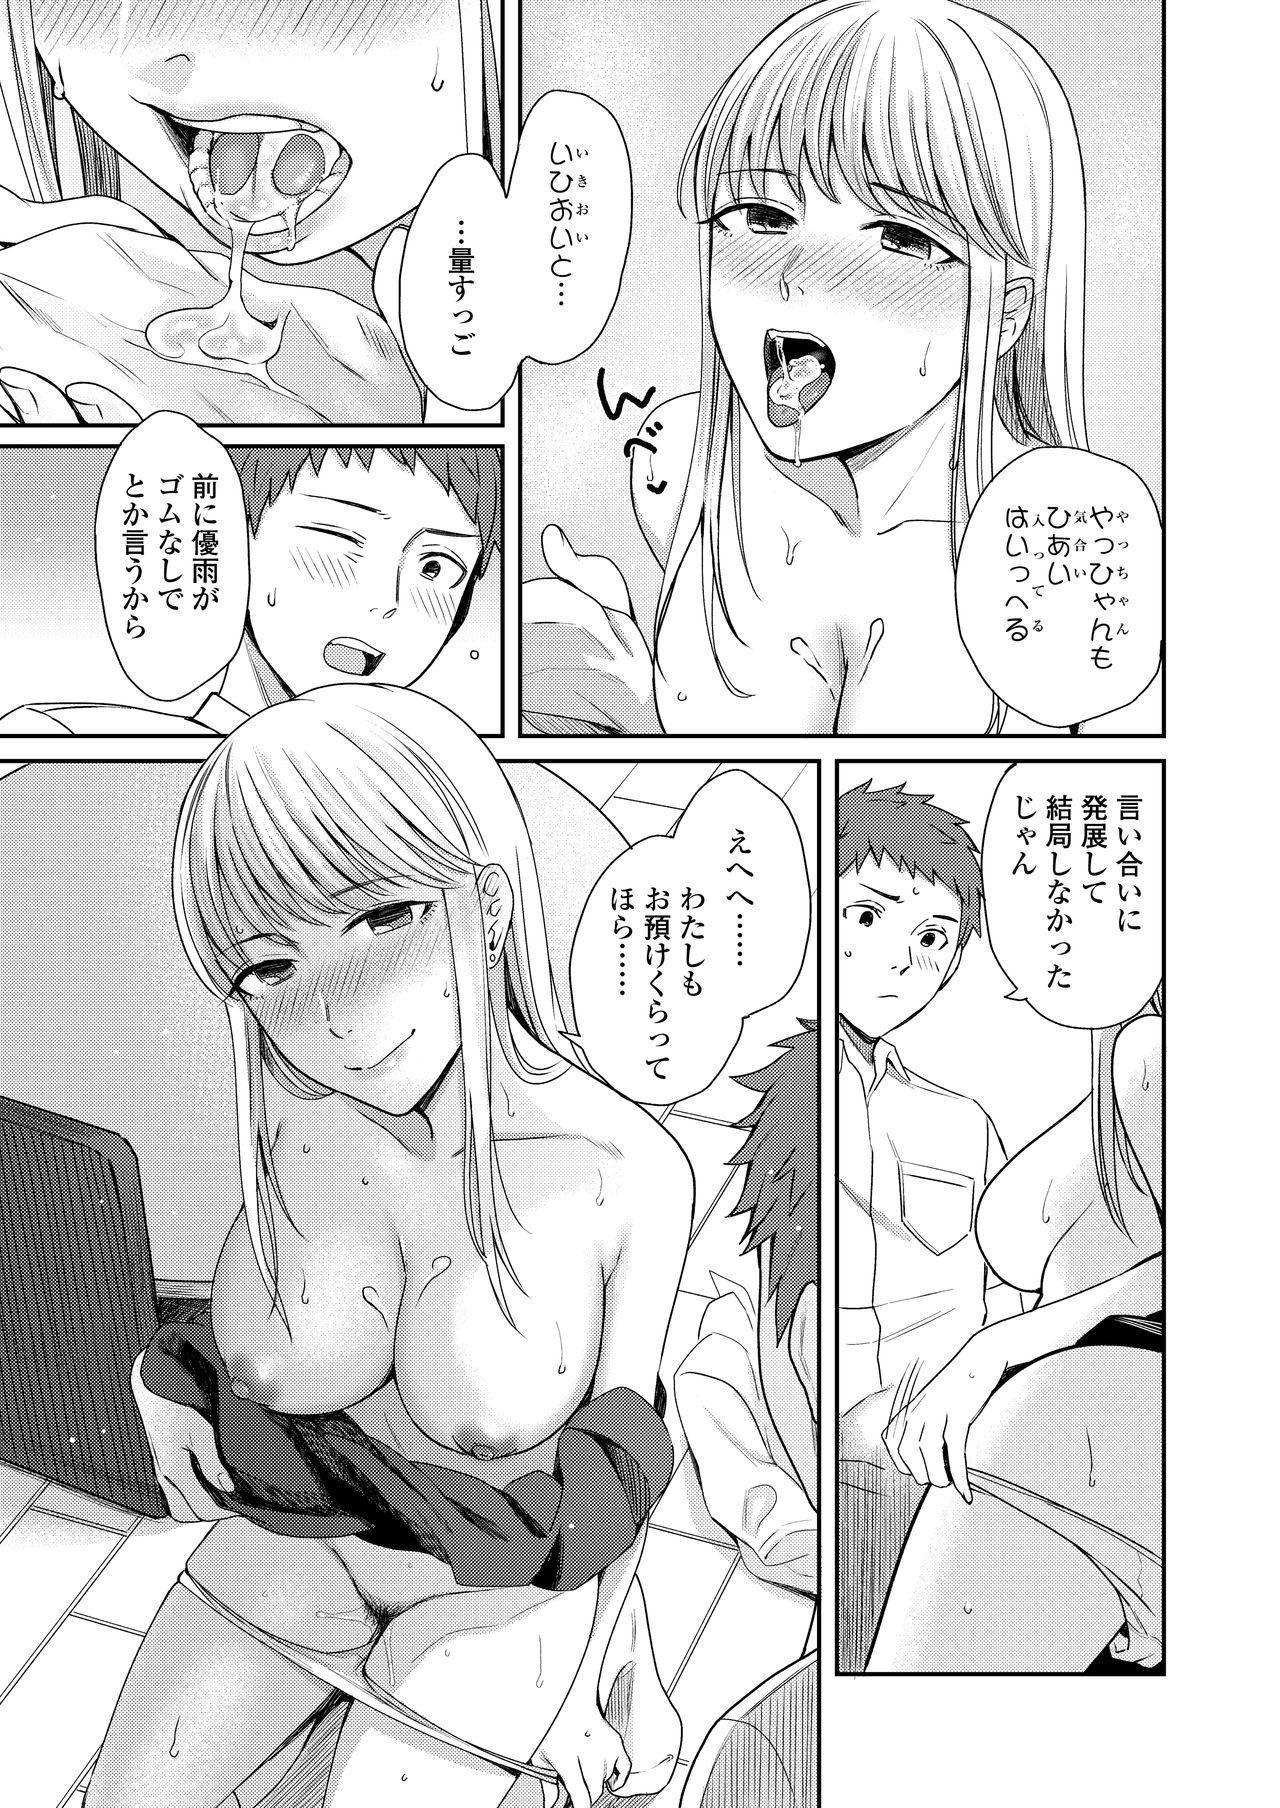 COMIC AOHA 2021 Natsu 78